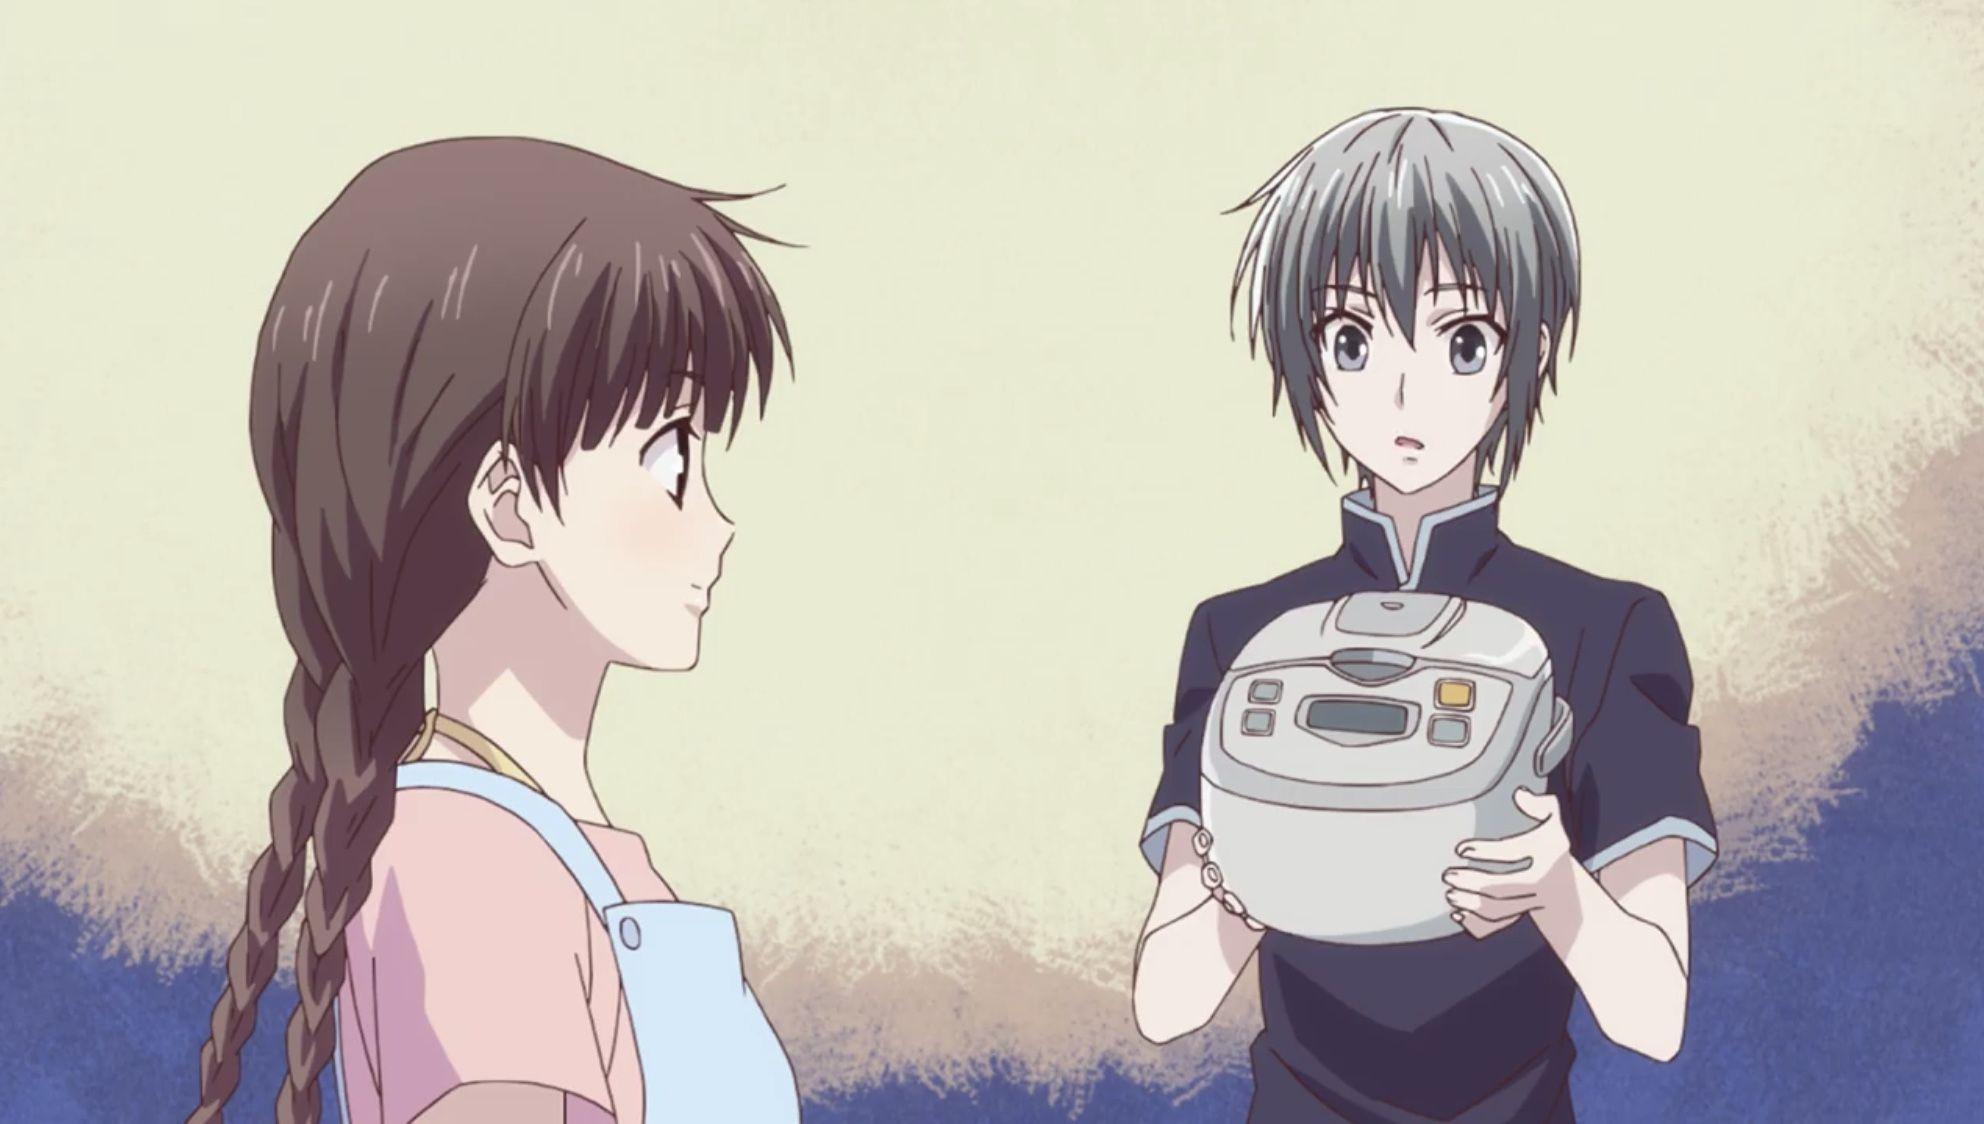 Pin by Akane on Fruit Basket Fruits basket, Anime, Yuki